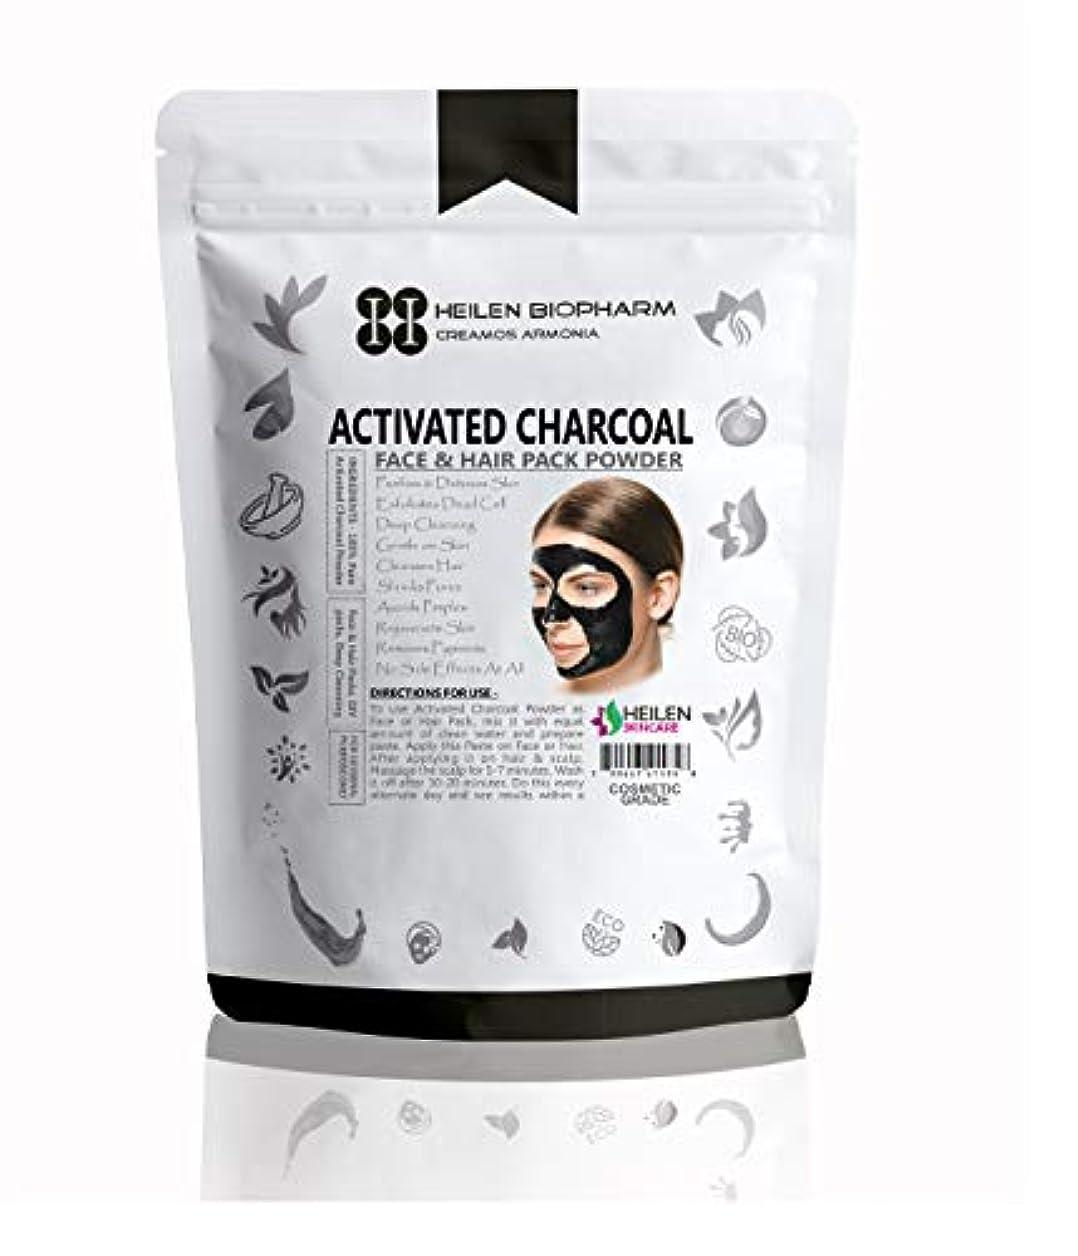 デザートどうやって恥ずかしさ活性化チャコールパウダー(フェイスパック用)(Activated Charcoal Powder for Face Pack) (200 gm / 7 oz / 0.44 lb)